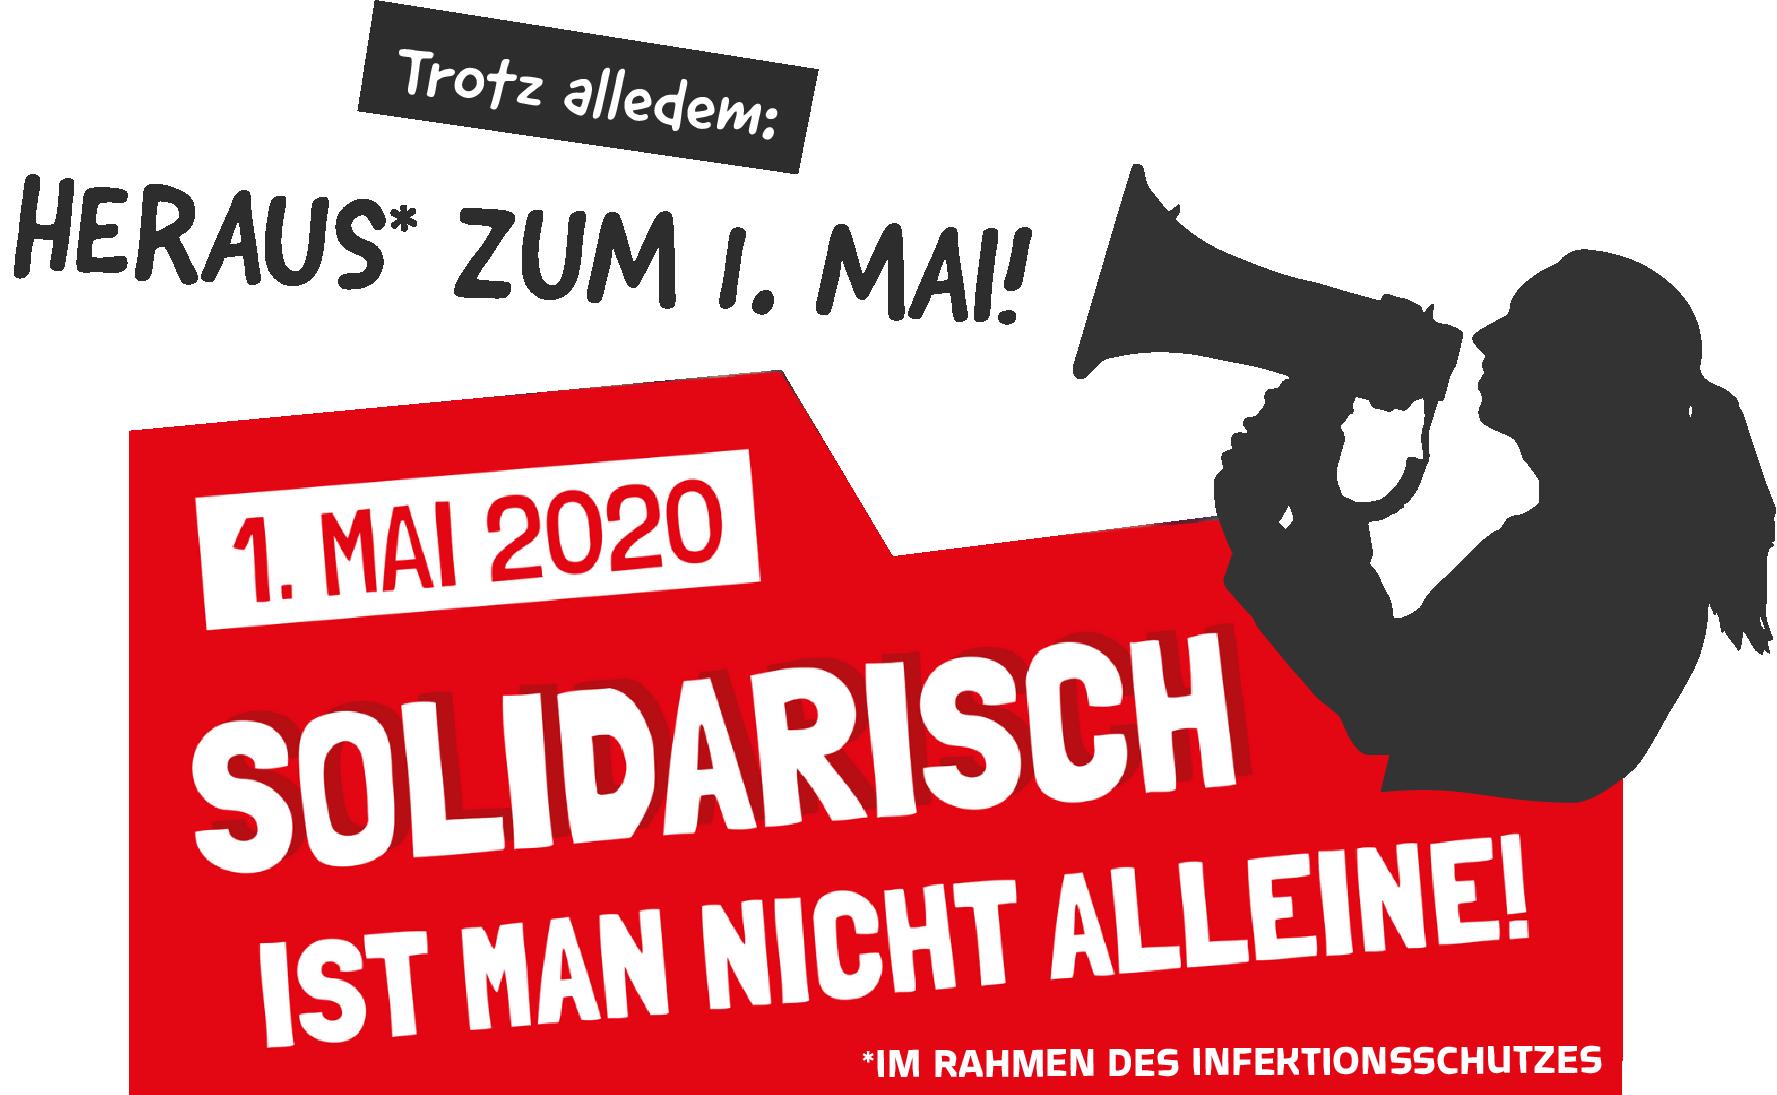 Grafik: Frau mit Flüstertüte: «Trotz alledem: Heraus zum 1. Mai! Solidarisch ist man nicht alleine! ...».